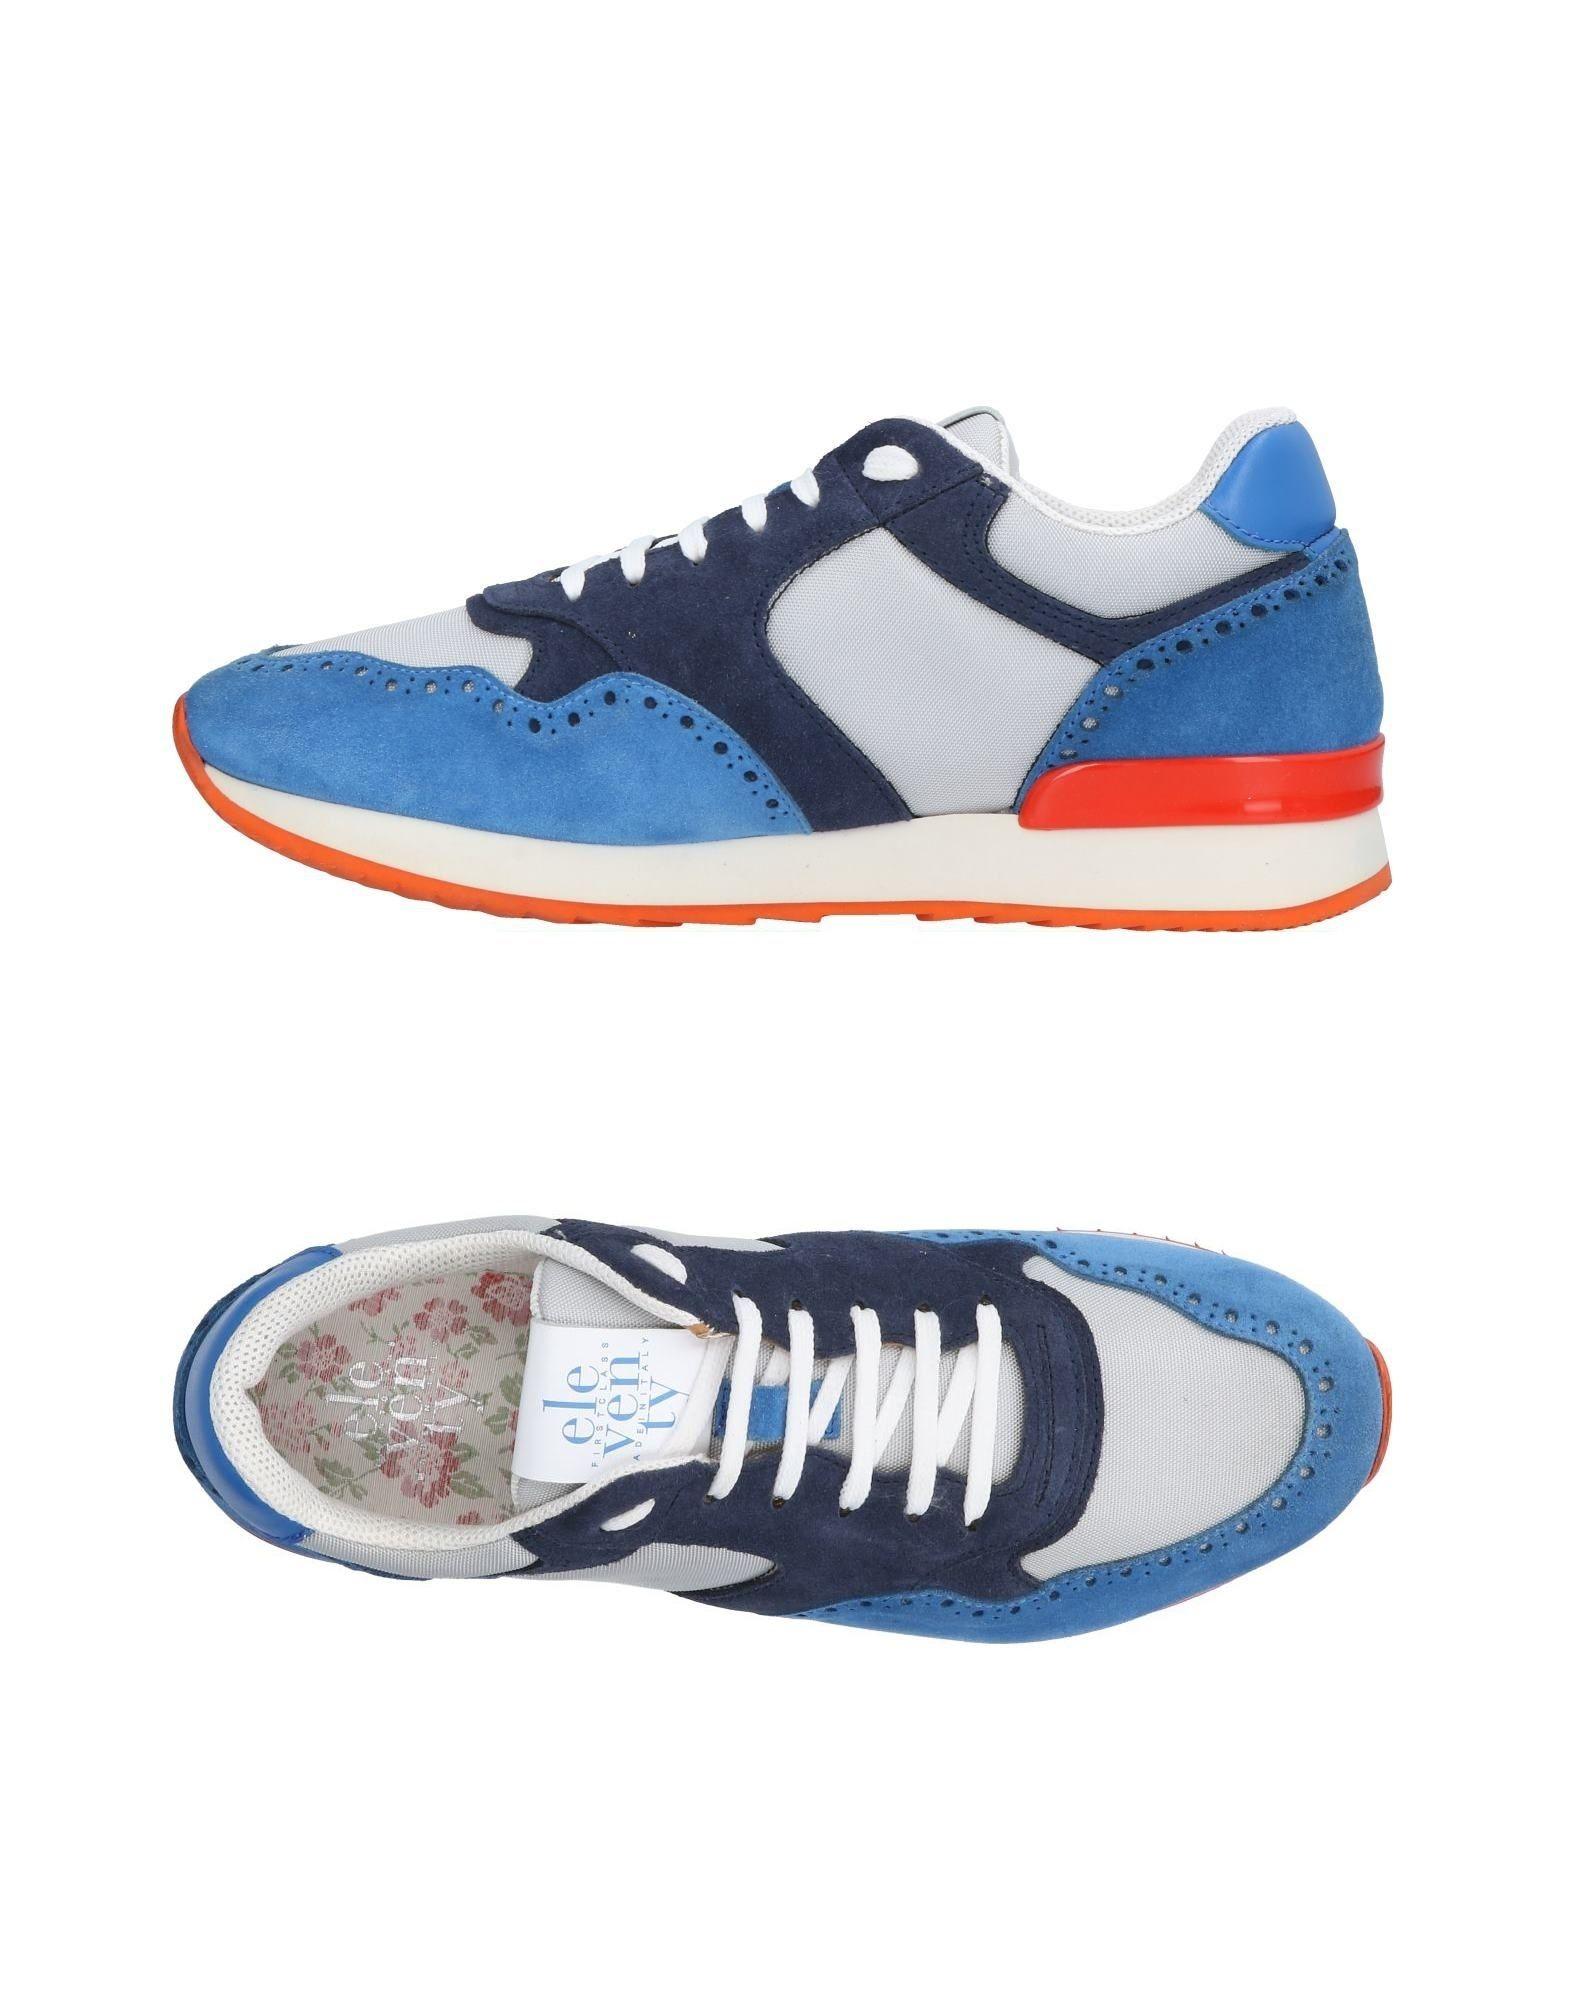 Eleventy Sneakers Herren beliebte  11492391BE Gute Qualität beliebte Herren Schuhe 94ee0f